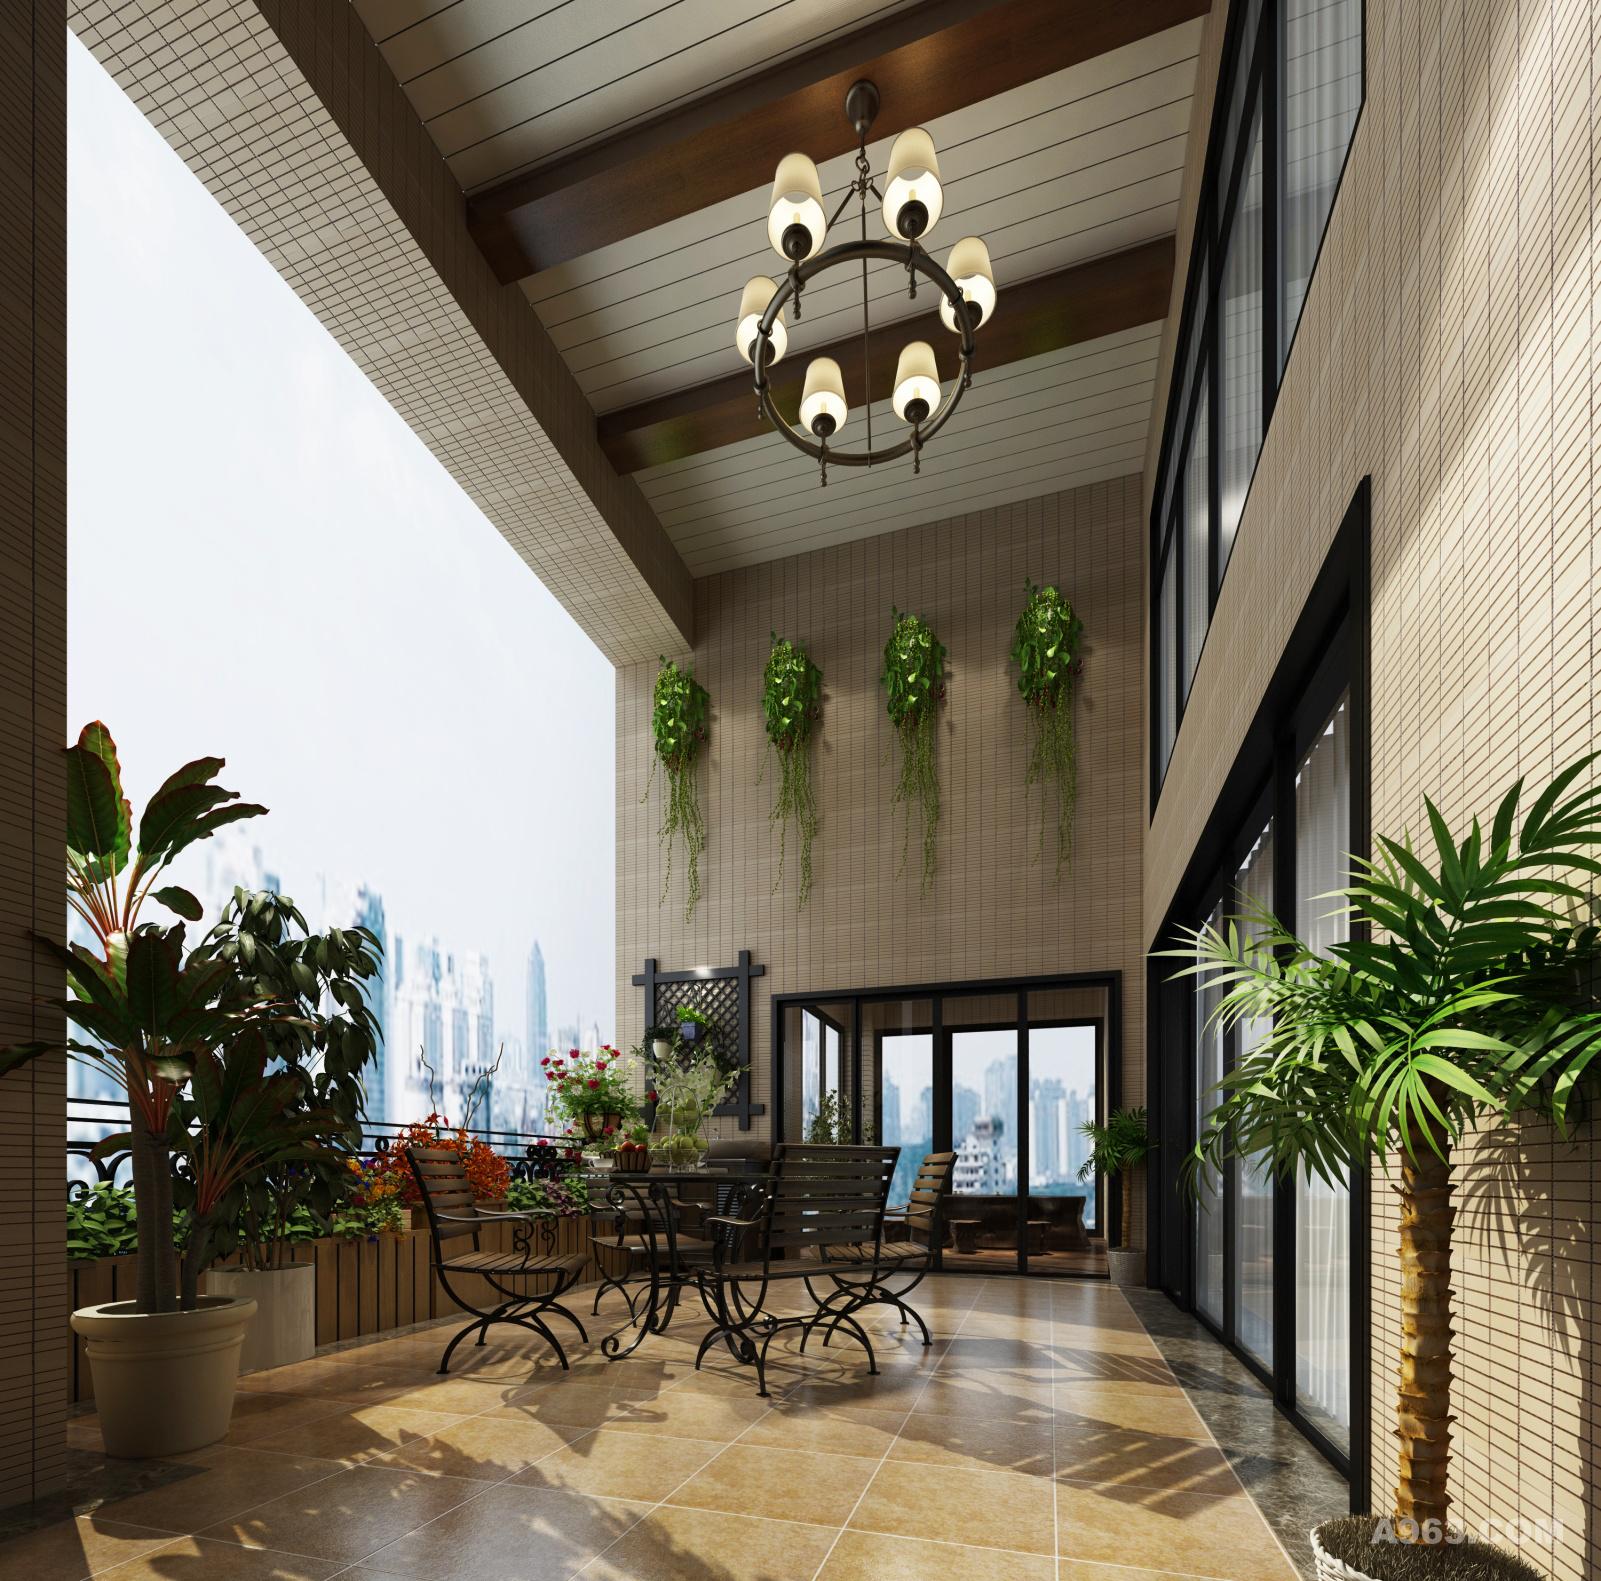 阳台又是一个简美风格的索引,木饰,铁艺,吊灯, 且与自然融为一体。享受一个下午茶的时光。